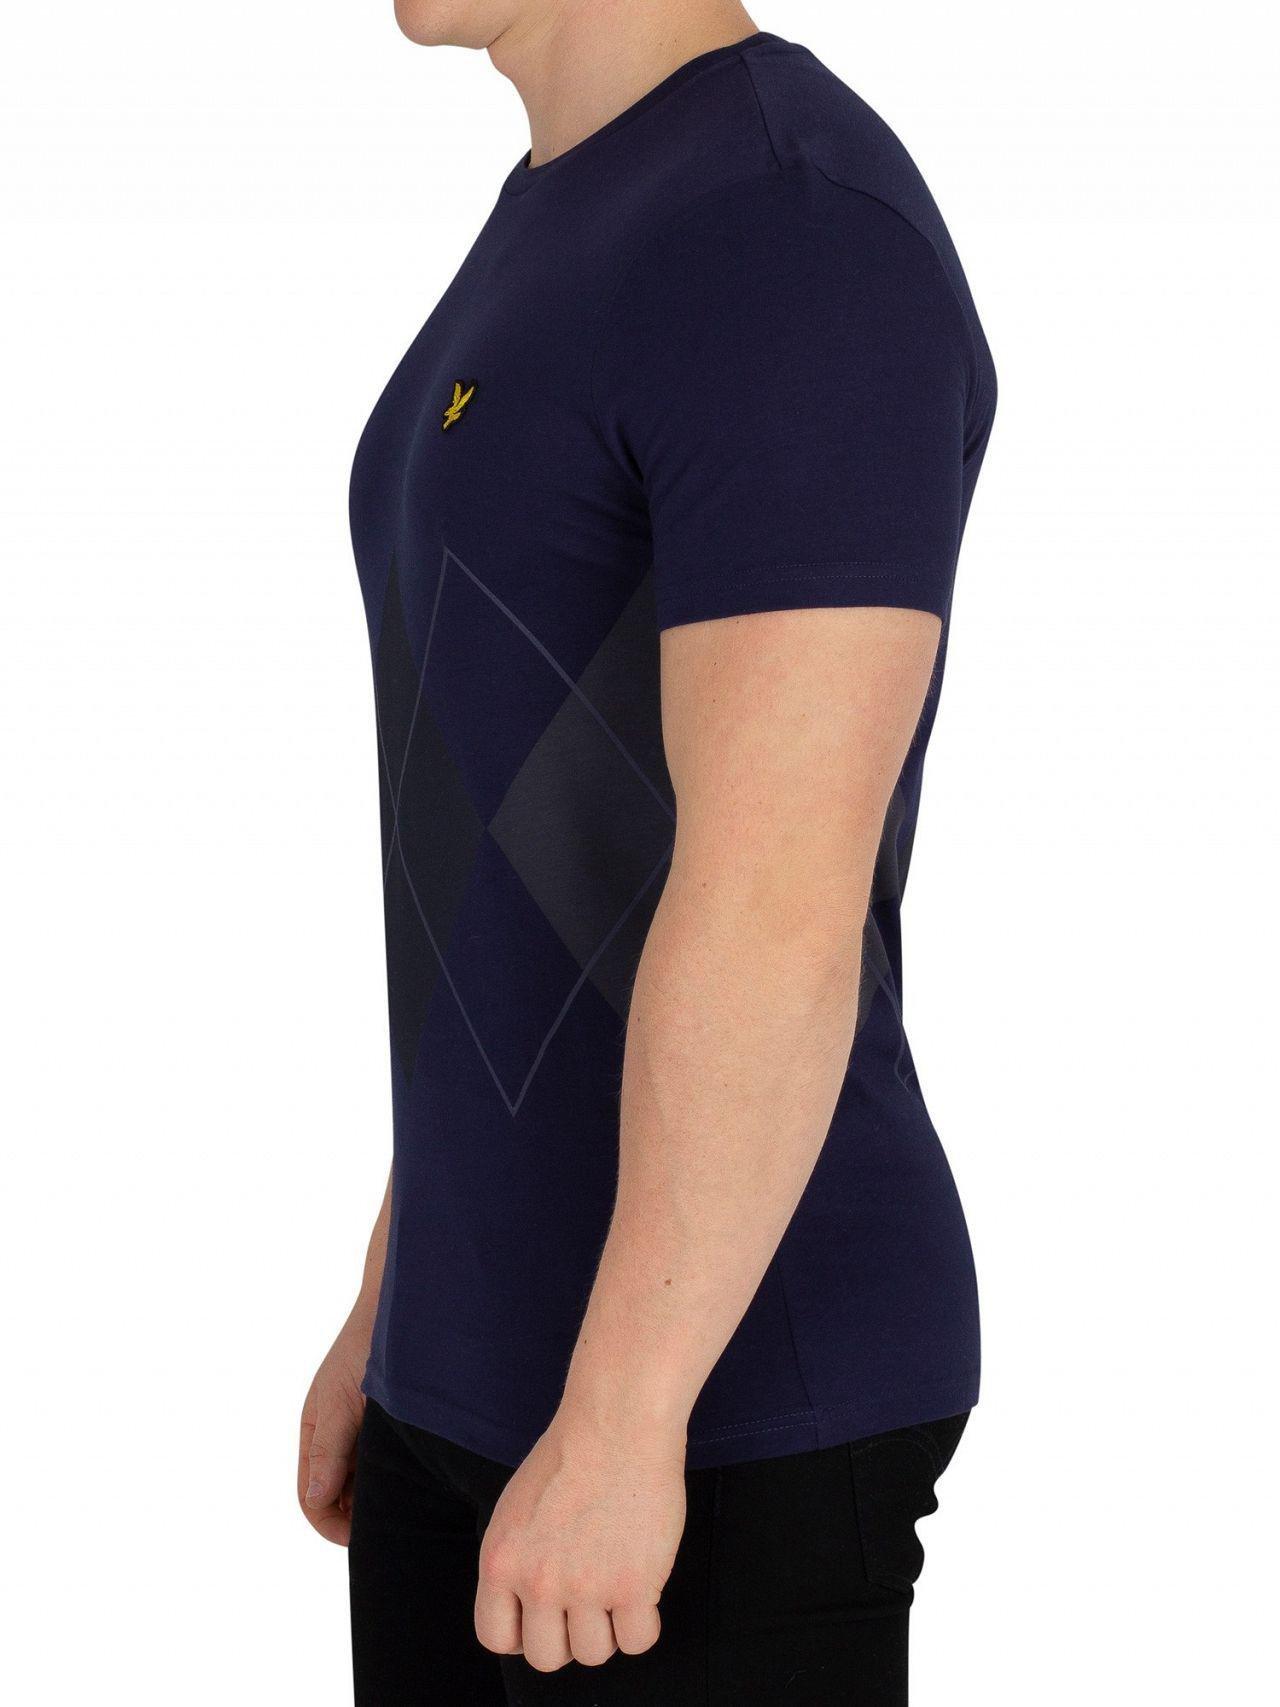 8ecce33e77f Lyle   Scott Navy Argyle T-shirt in Blue for Men - Lyst